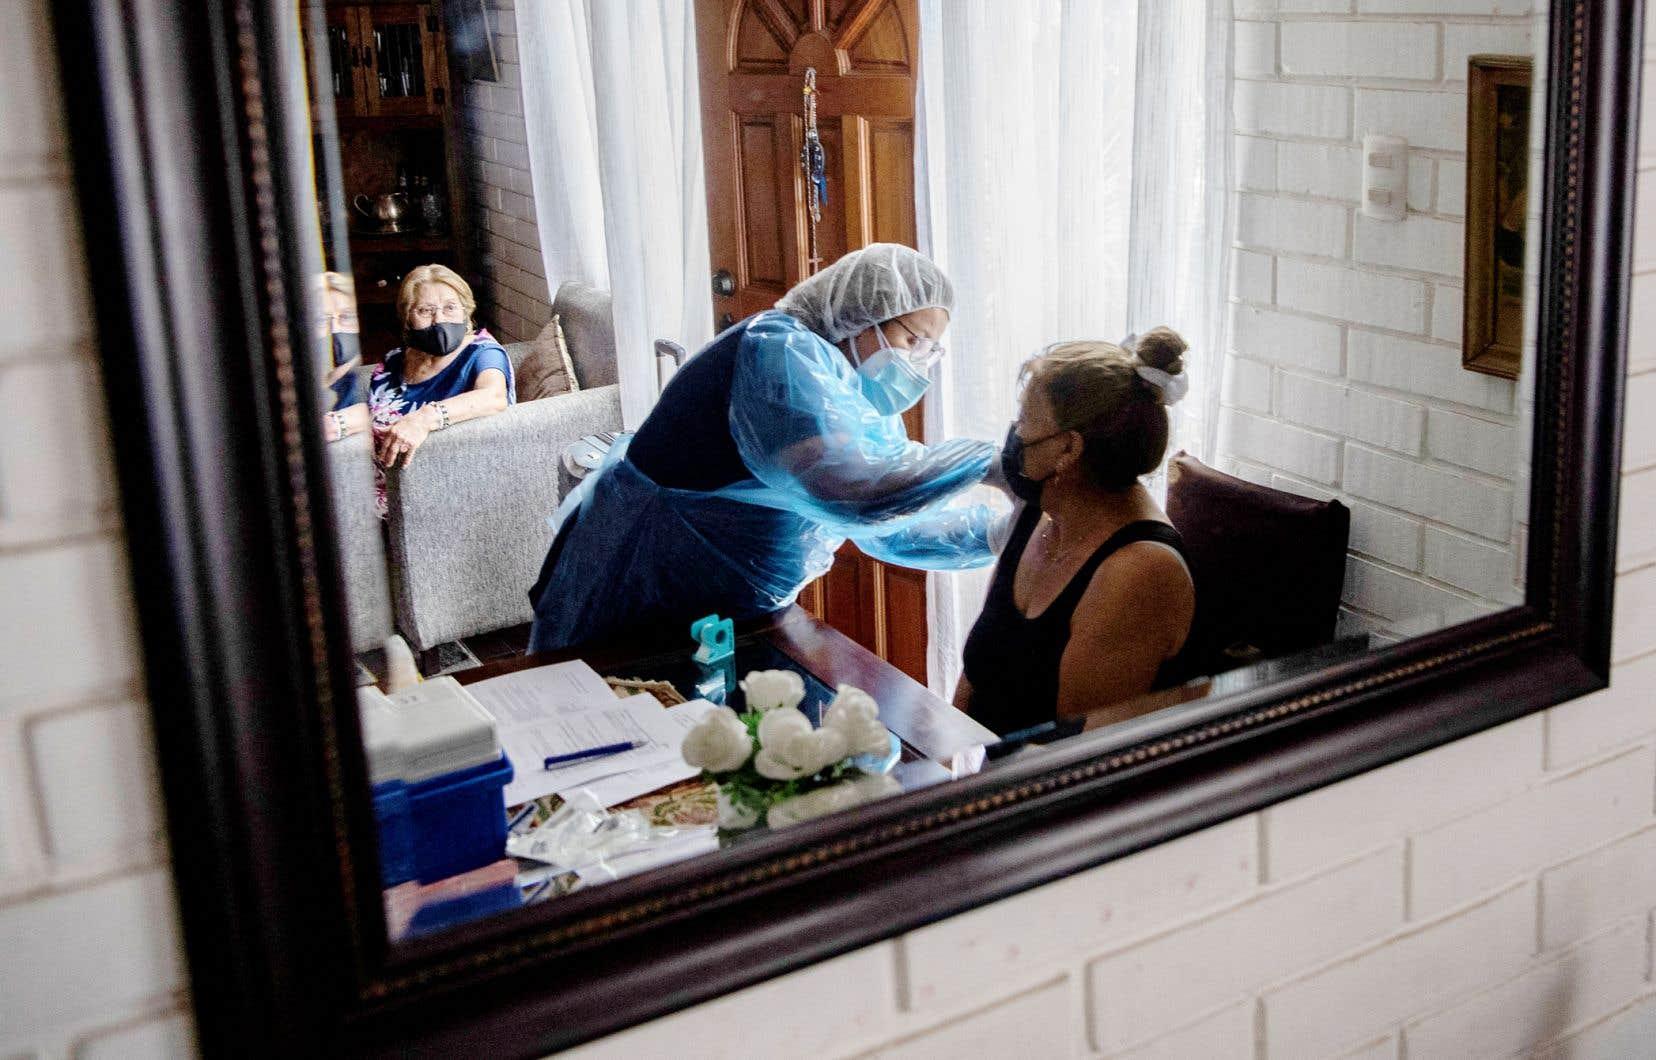 Ayant la campagne la plus avancée d'Amérique du Sud, le Chili a administré 5 millions de doses dans son bassin de 18,5 millions d'habitants. Sur notre photo, une infirmière donnait le vaccin à des femmes depuis son propre domicile de La Florida.